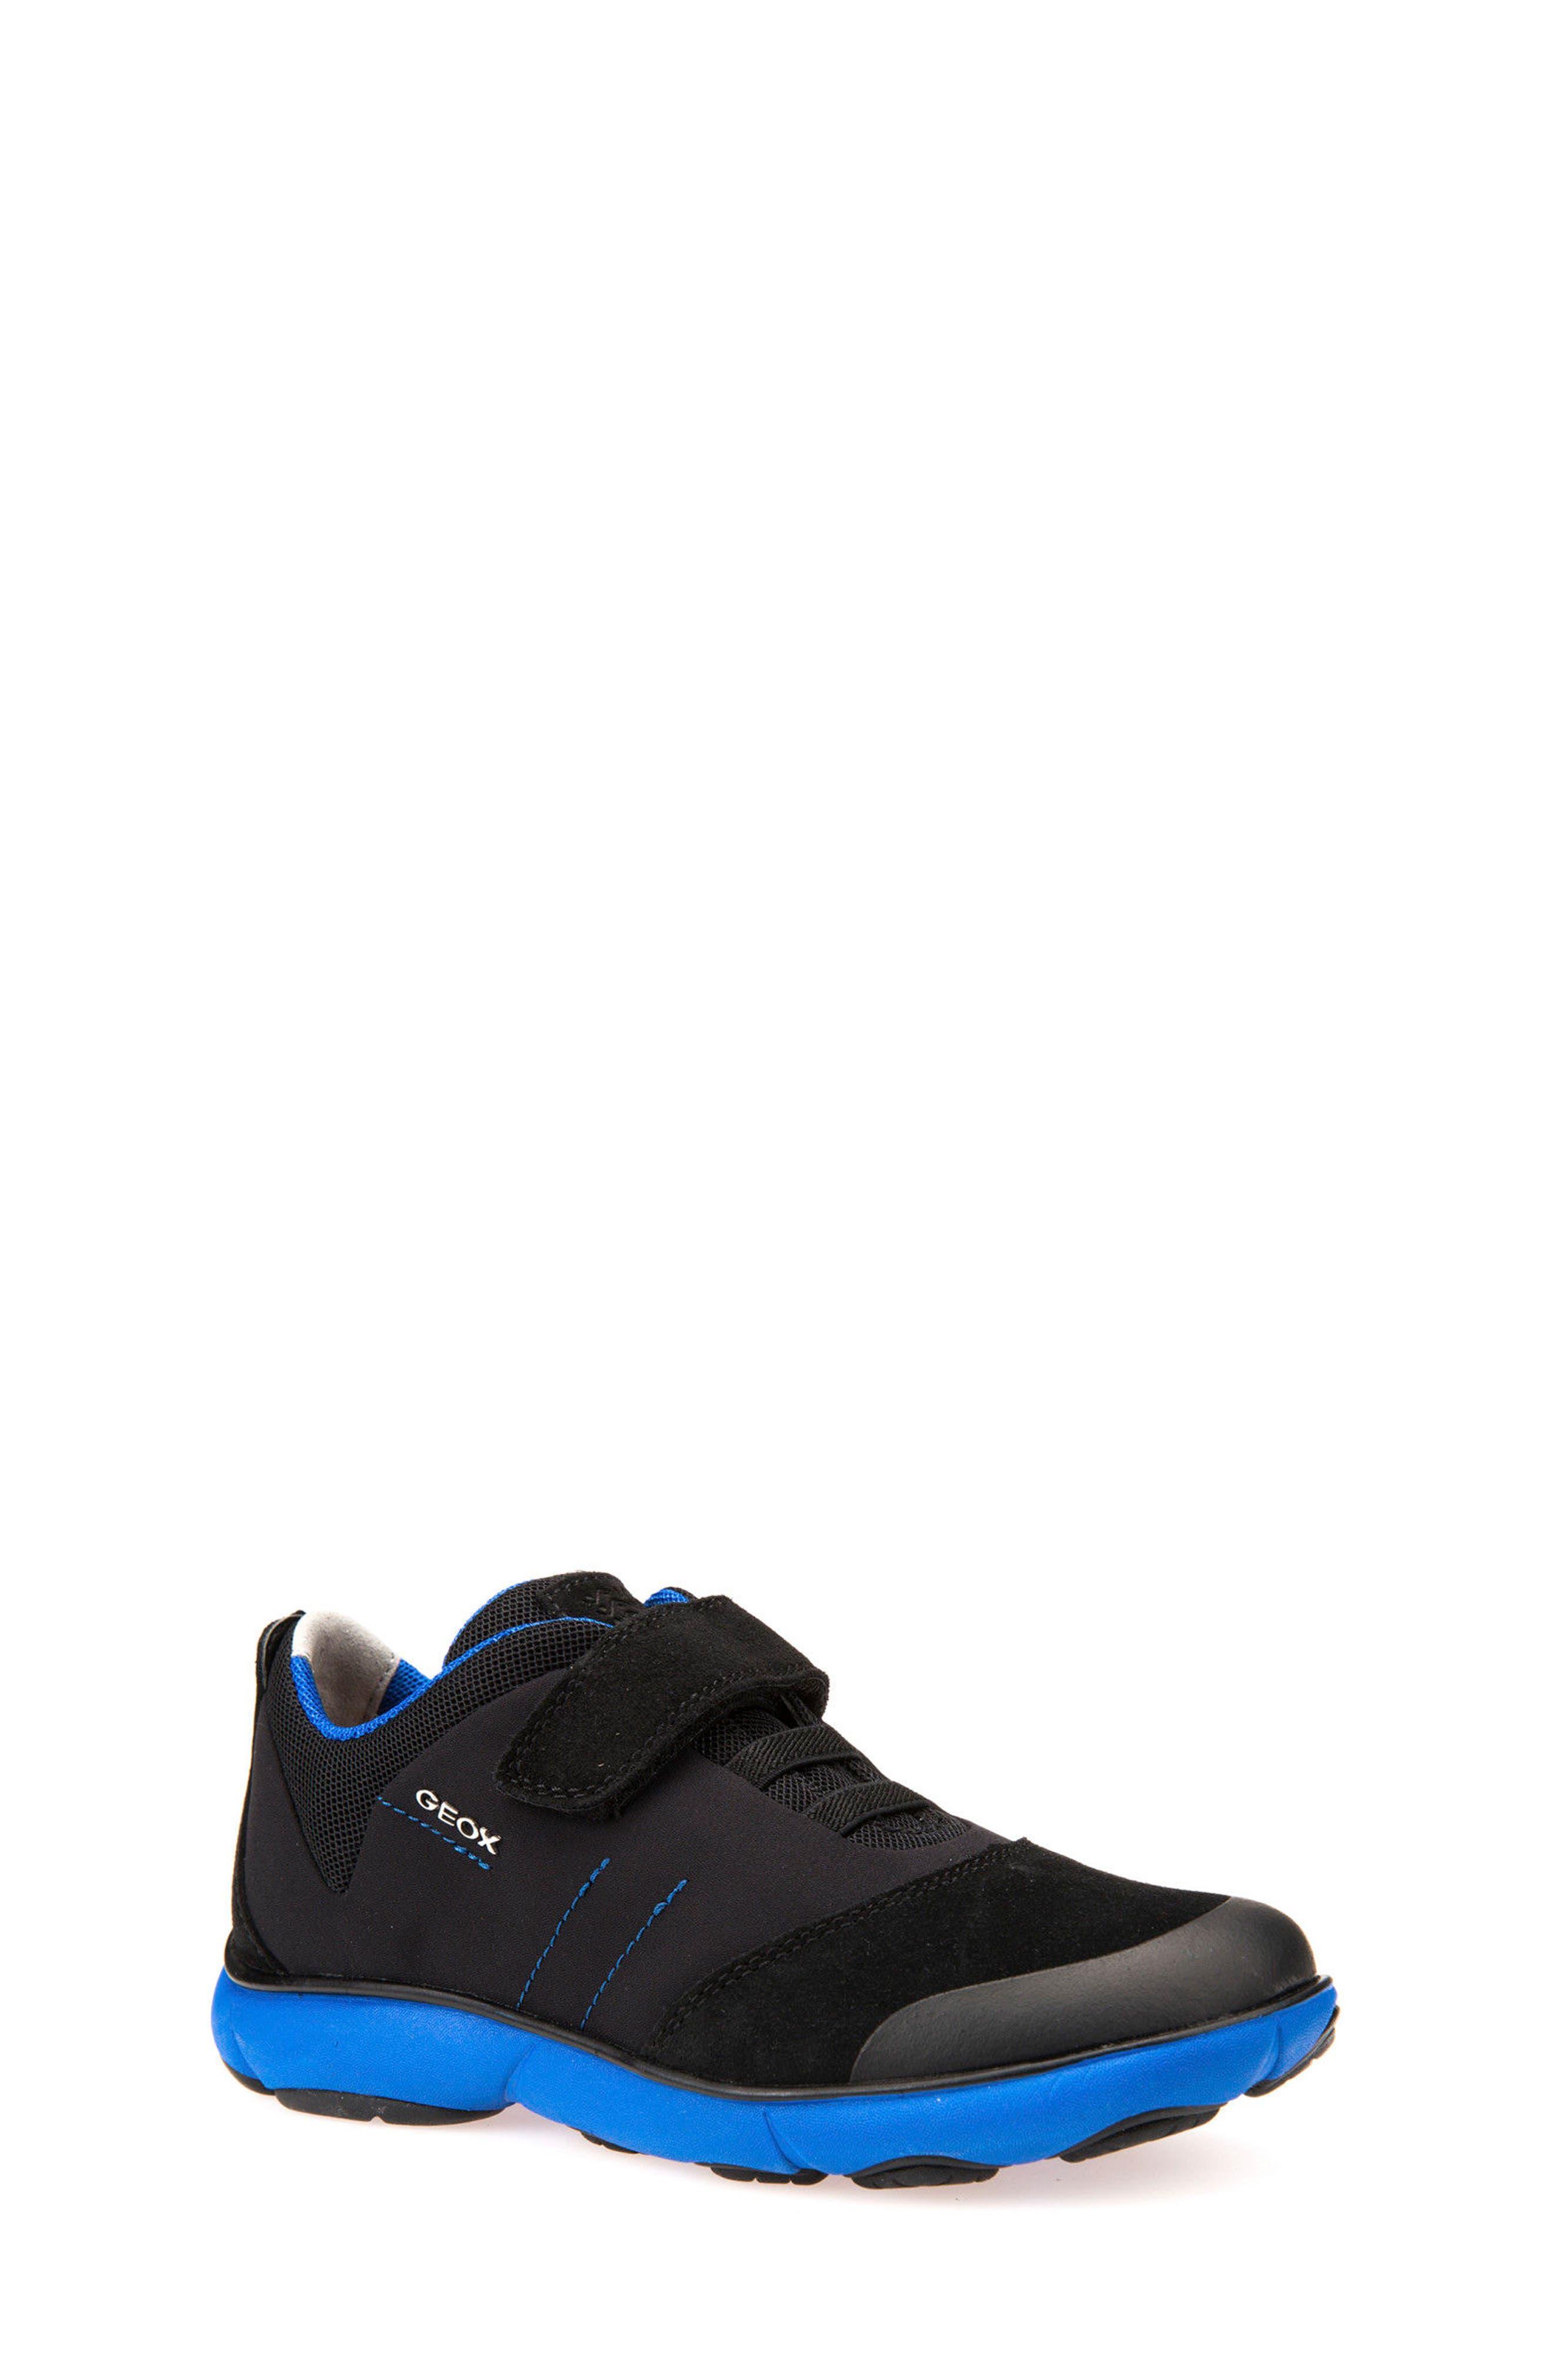 Alternate Image 1 Selected - Geox Nebula Low Top Sneaker (Toddler, Little Kid & Big Kid)